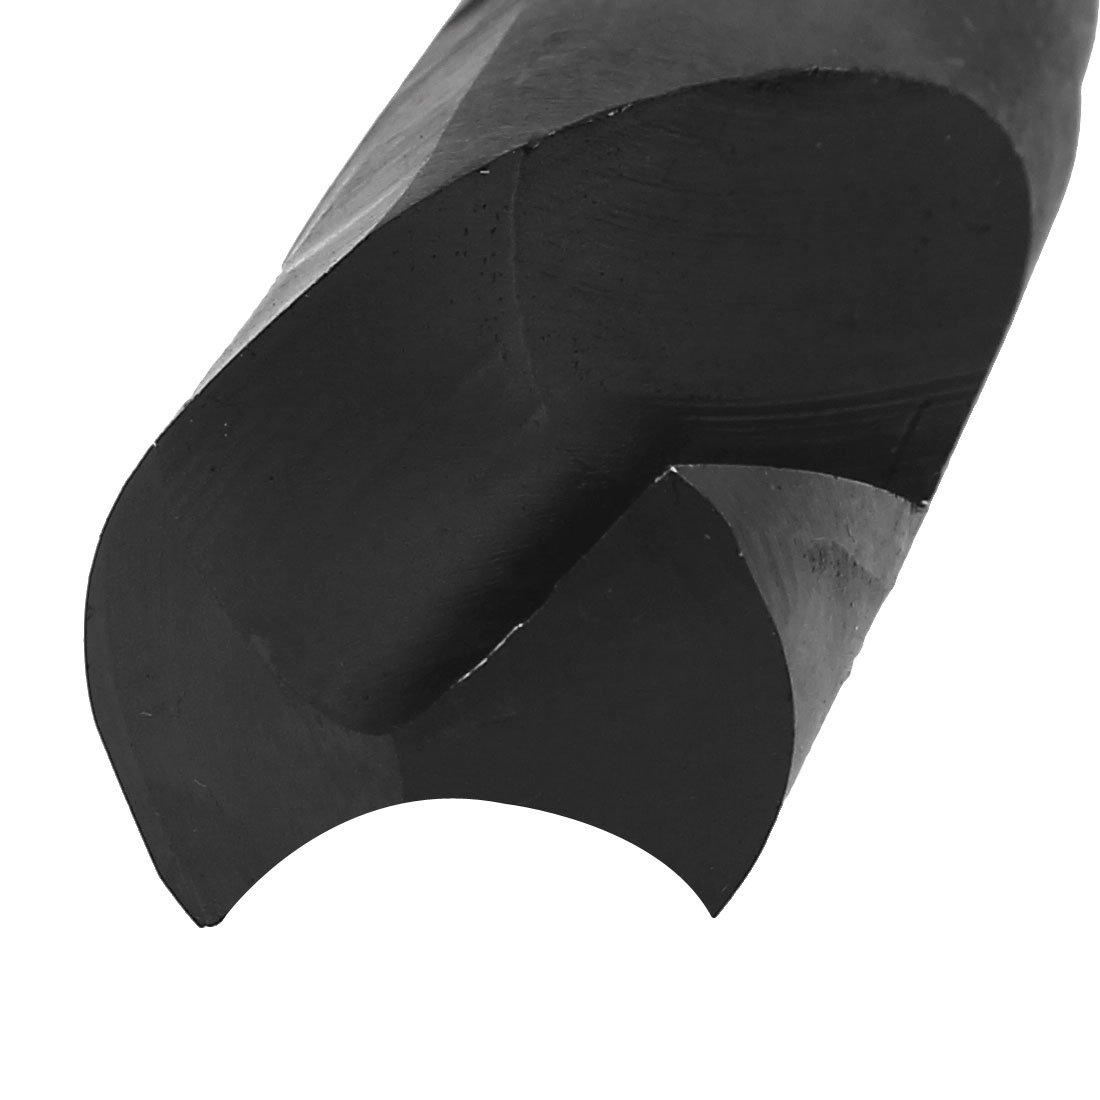 uxcell 30mm Cutting Diameter 1//2-inch Straight Shank HSS 6542 Twist Drill Bit Black